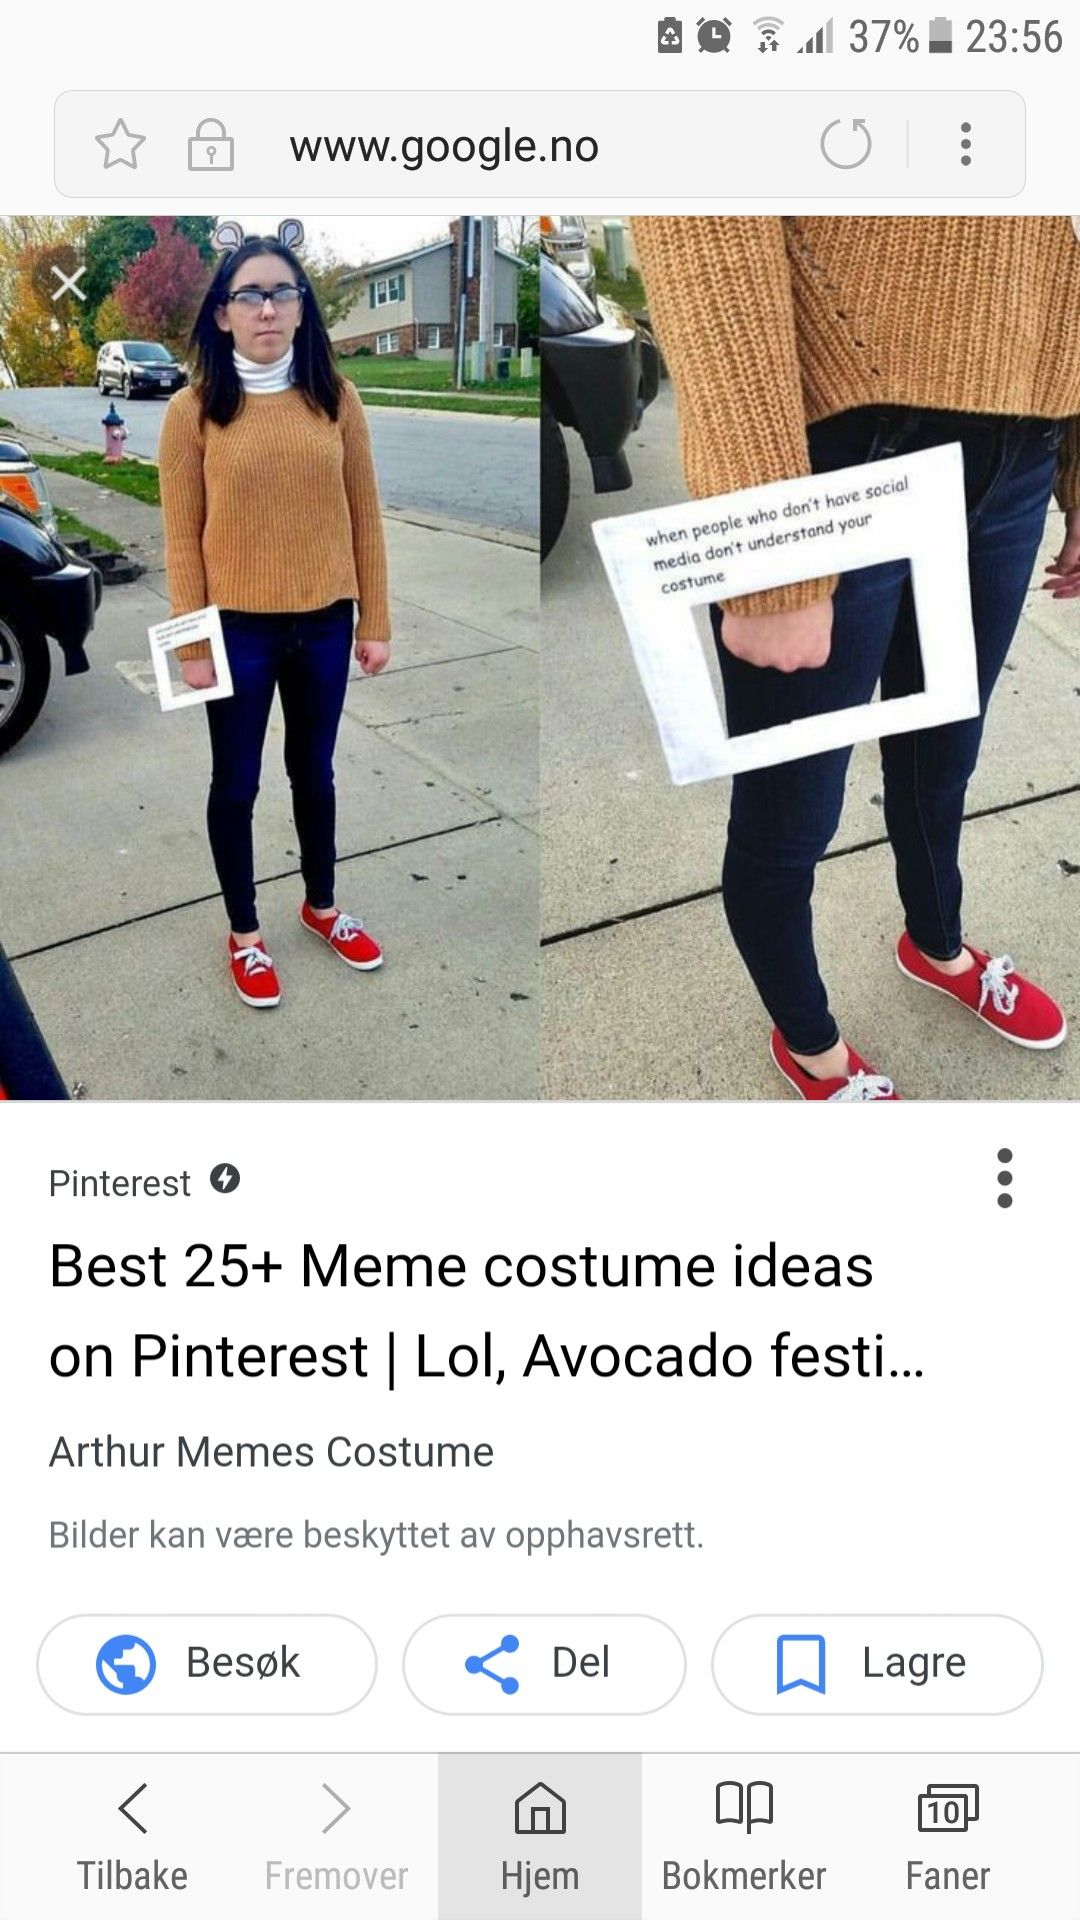 Meme costume